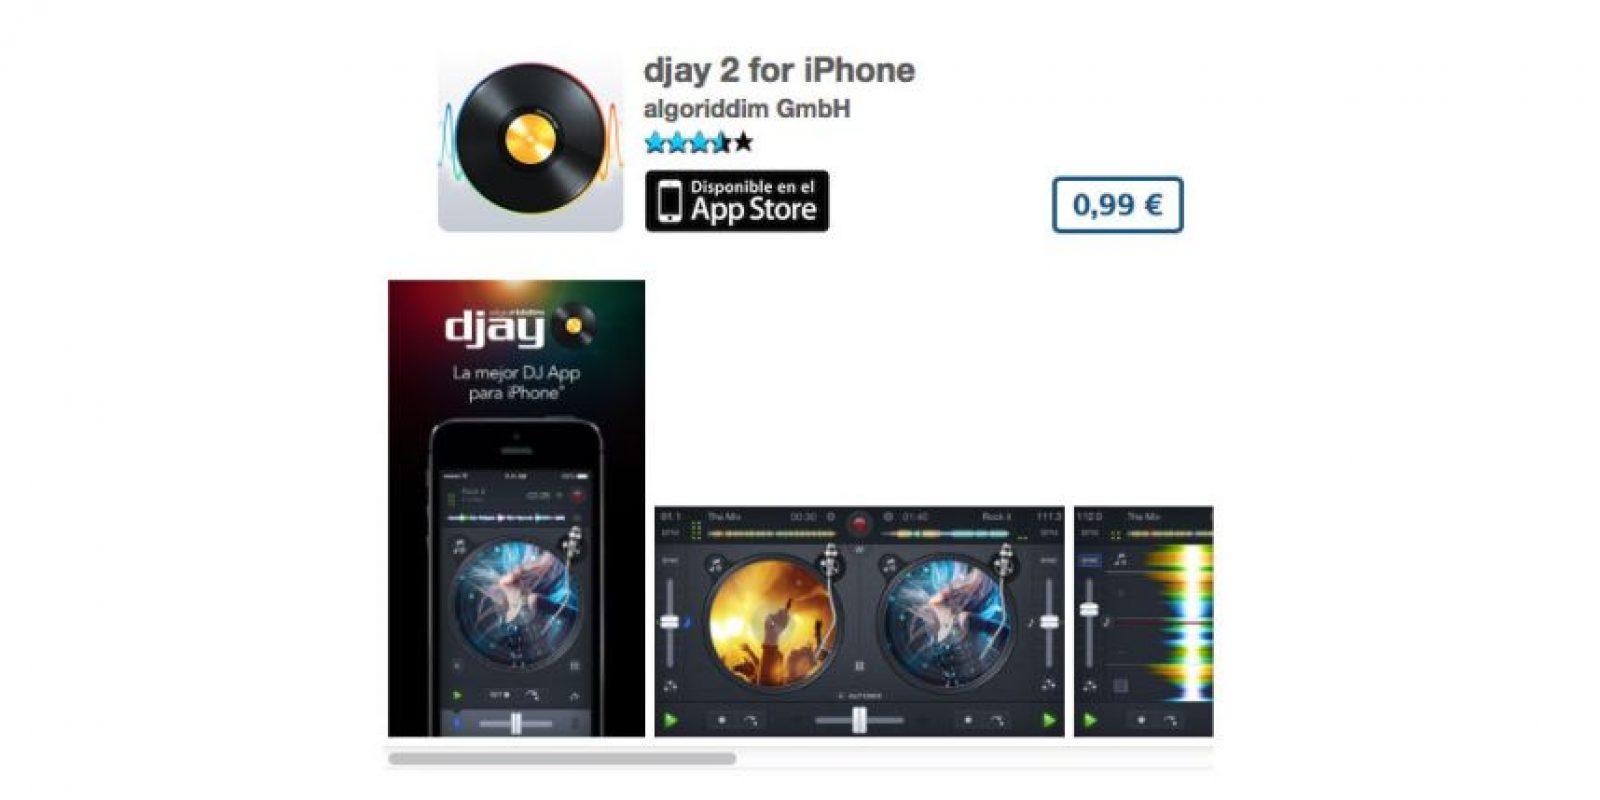 djay 2 for iPhone es el mezclador idoneo para cualquier DJ. Precio un dólar Foto:algoriddim GmbH